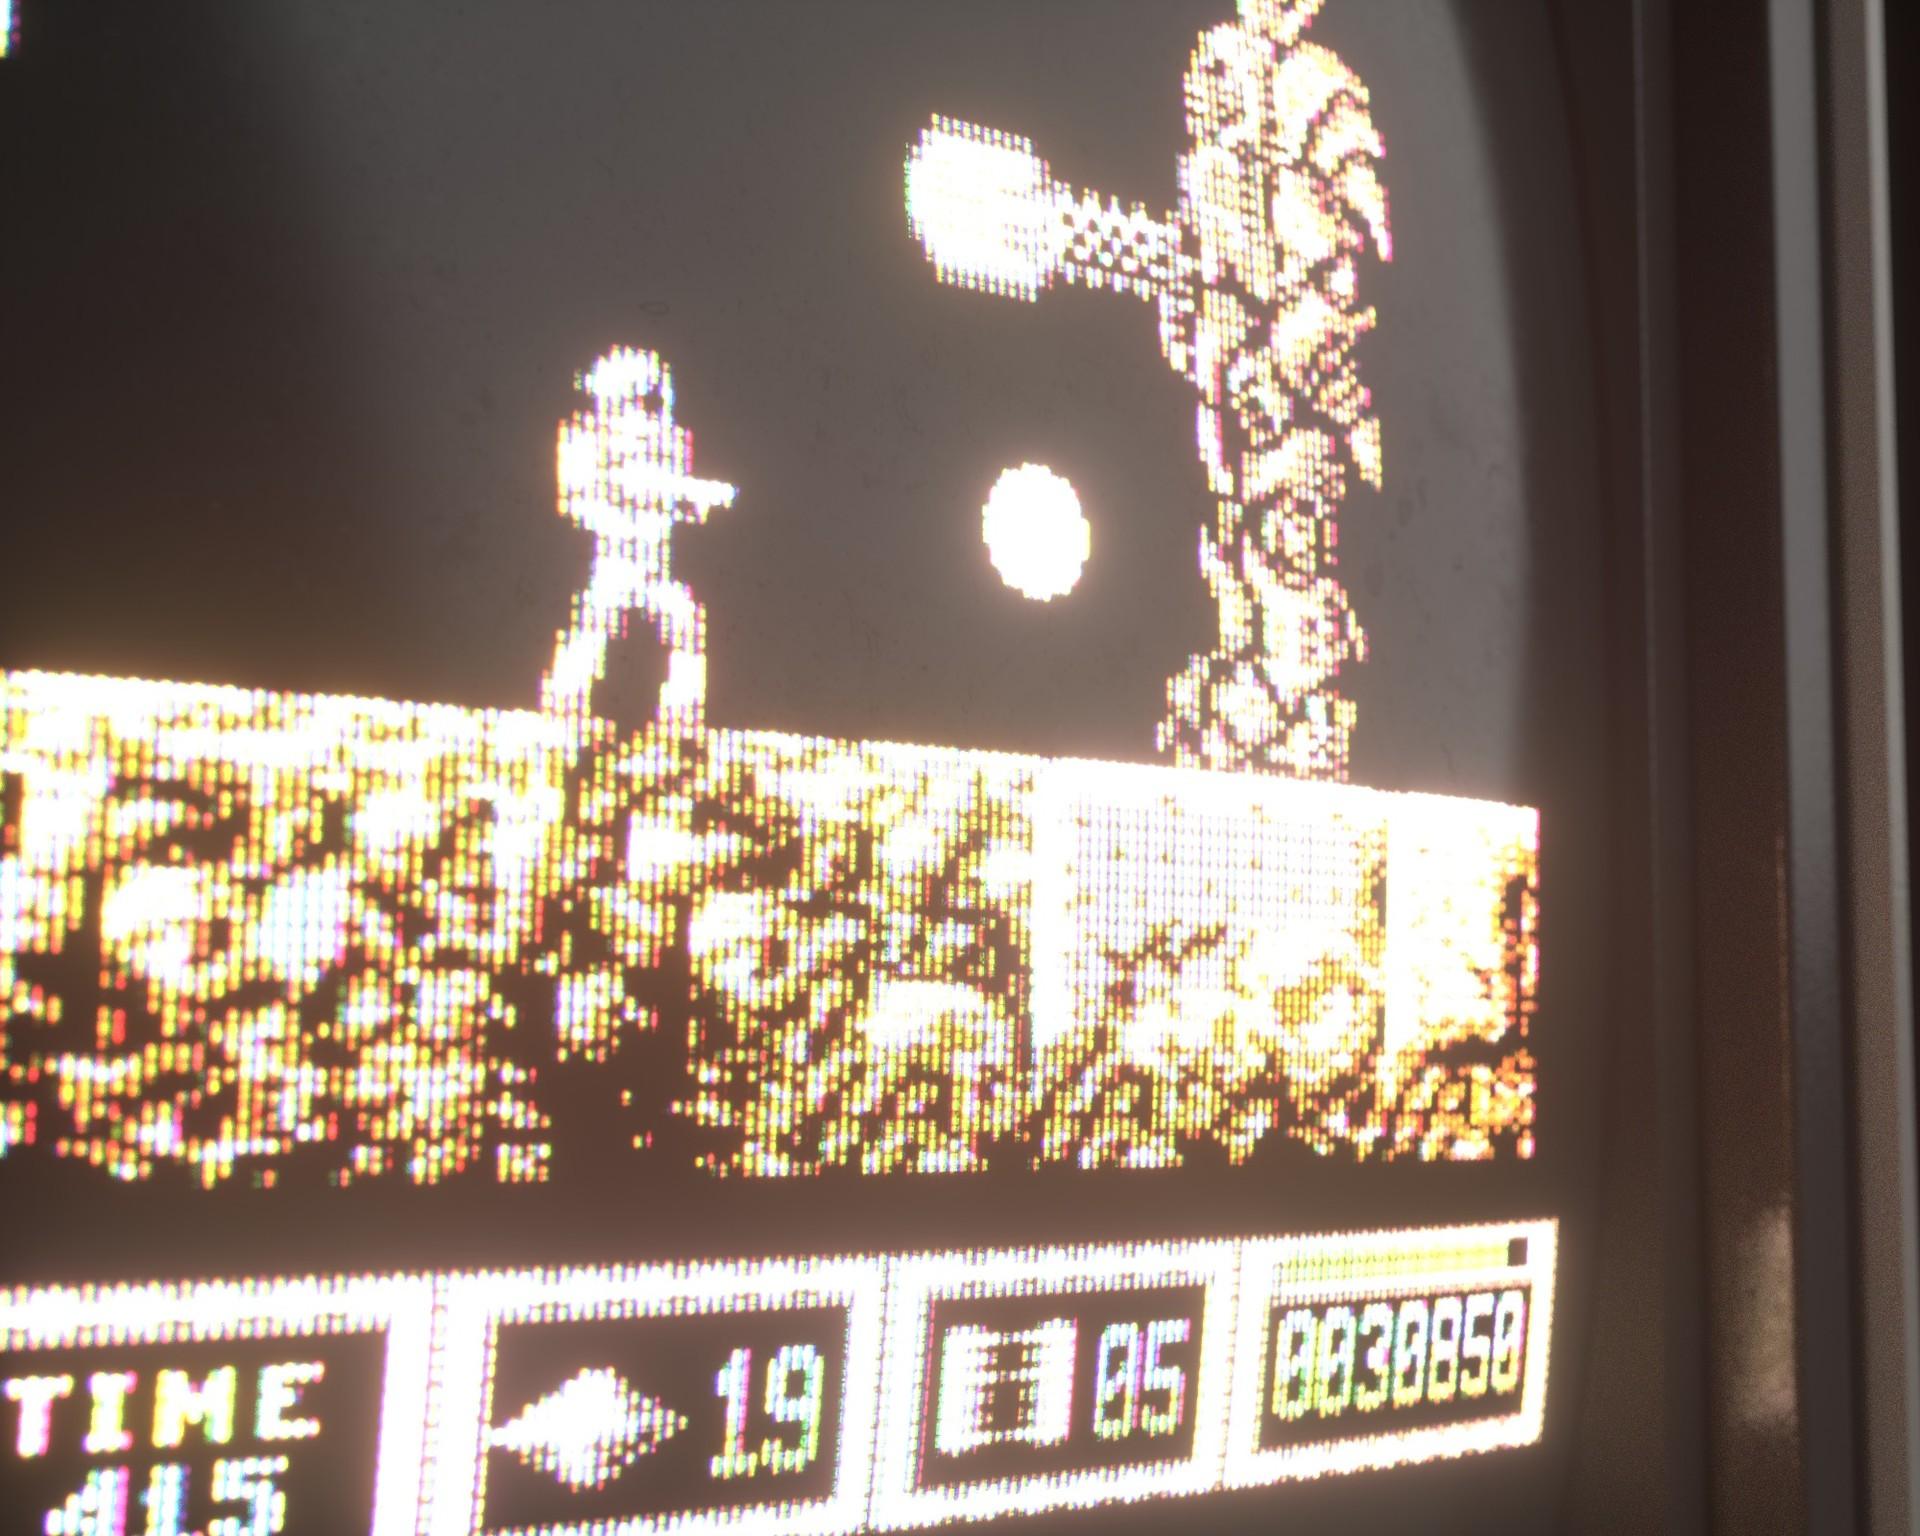 Cem tezcan c64 monitor 00006